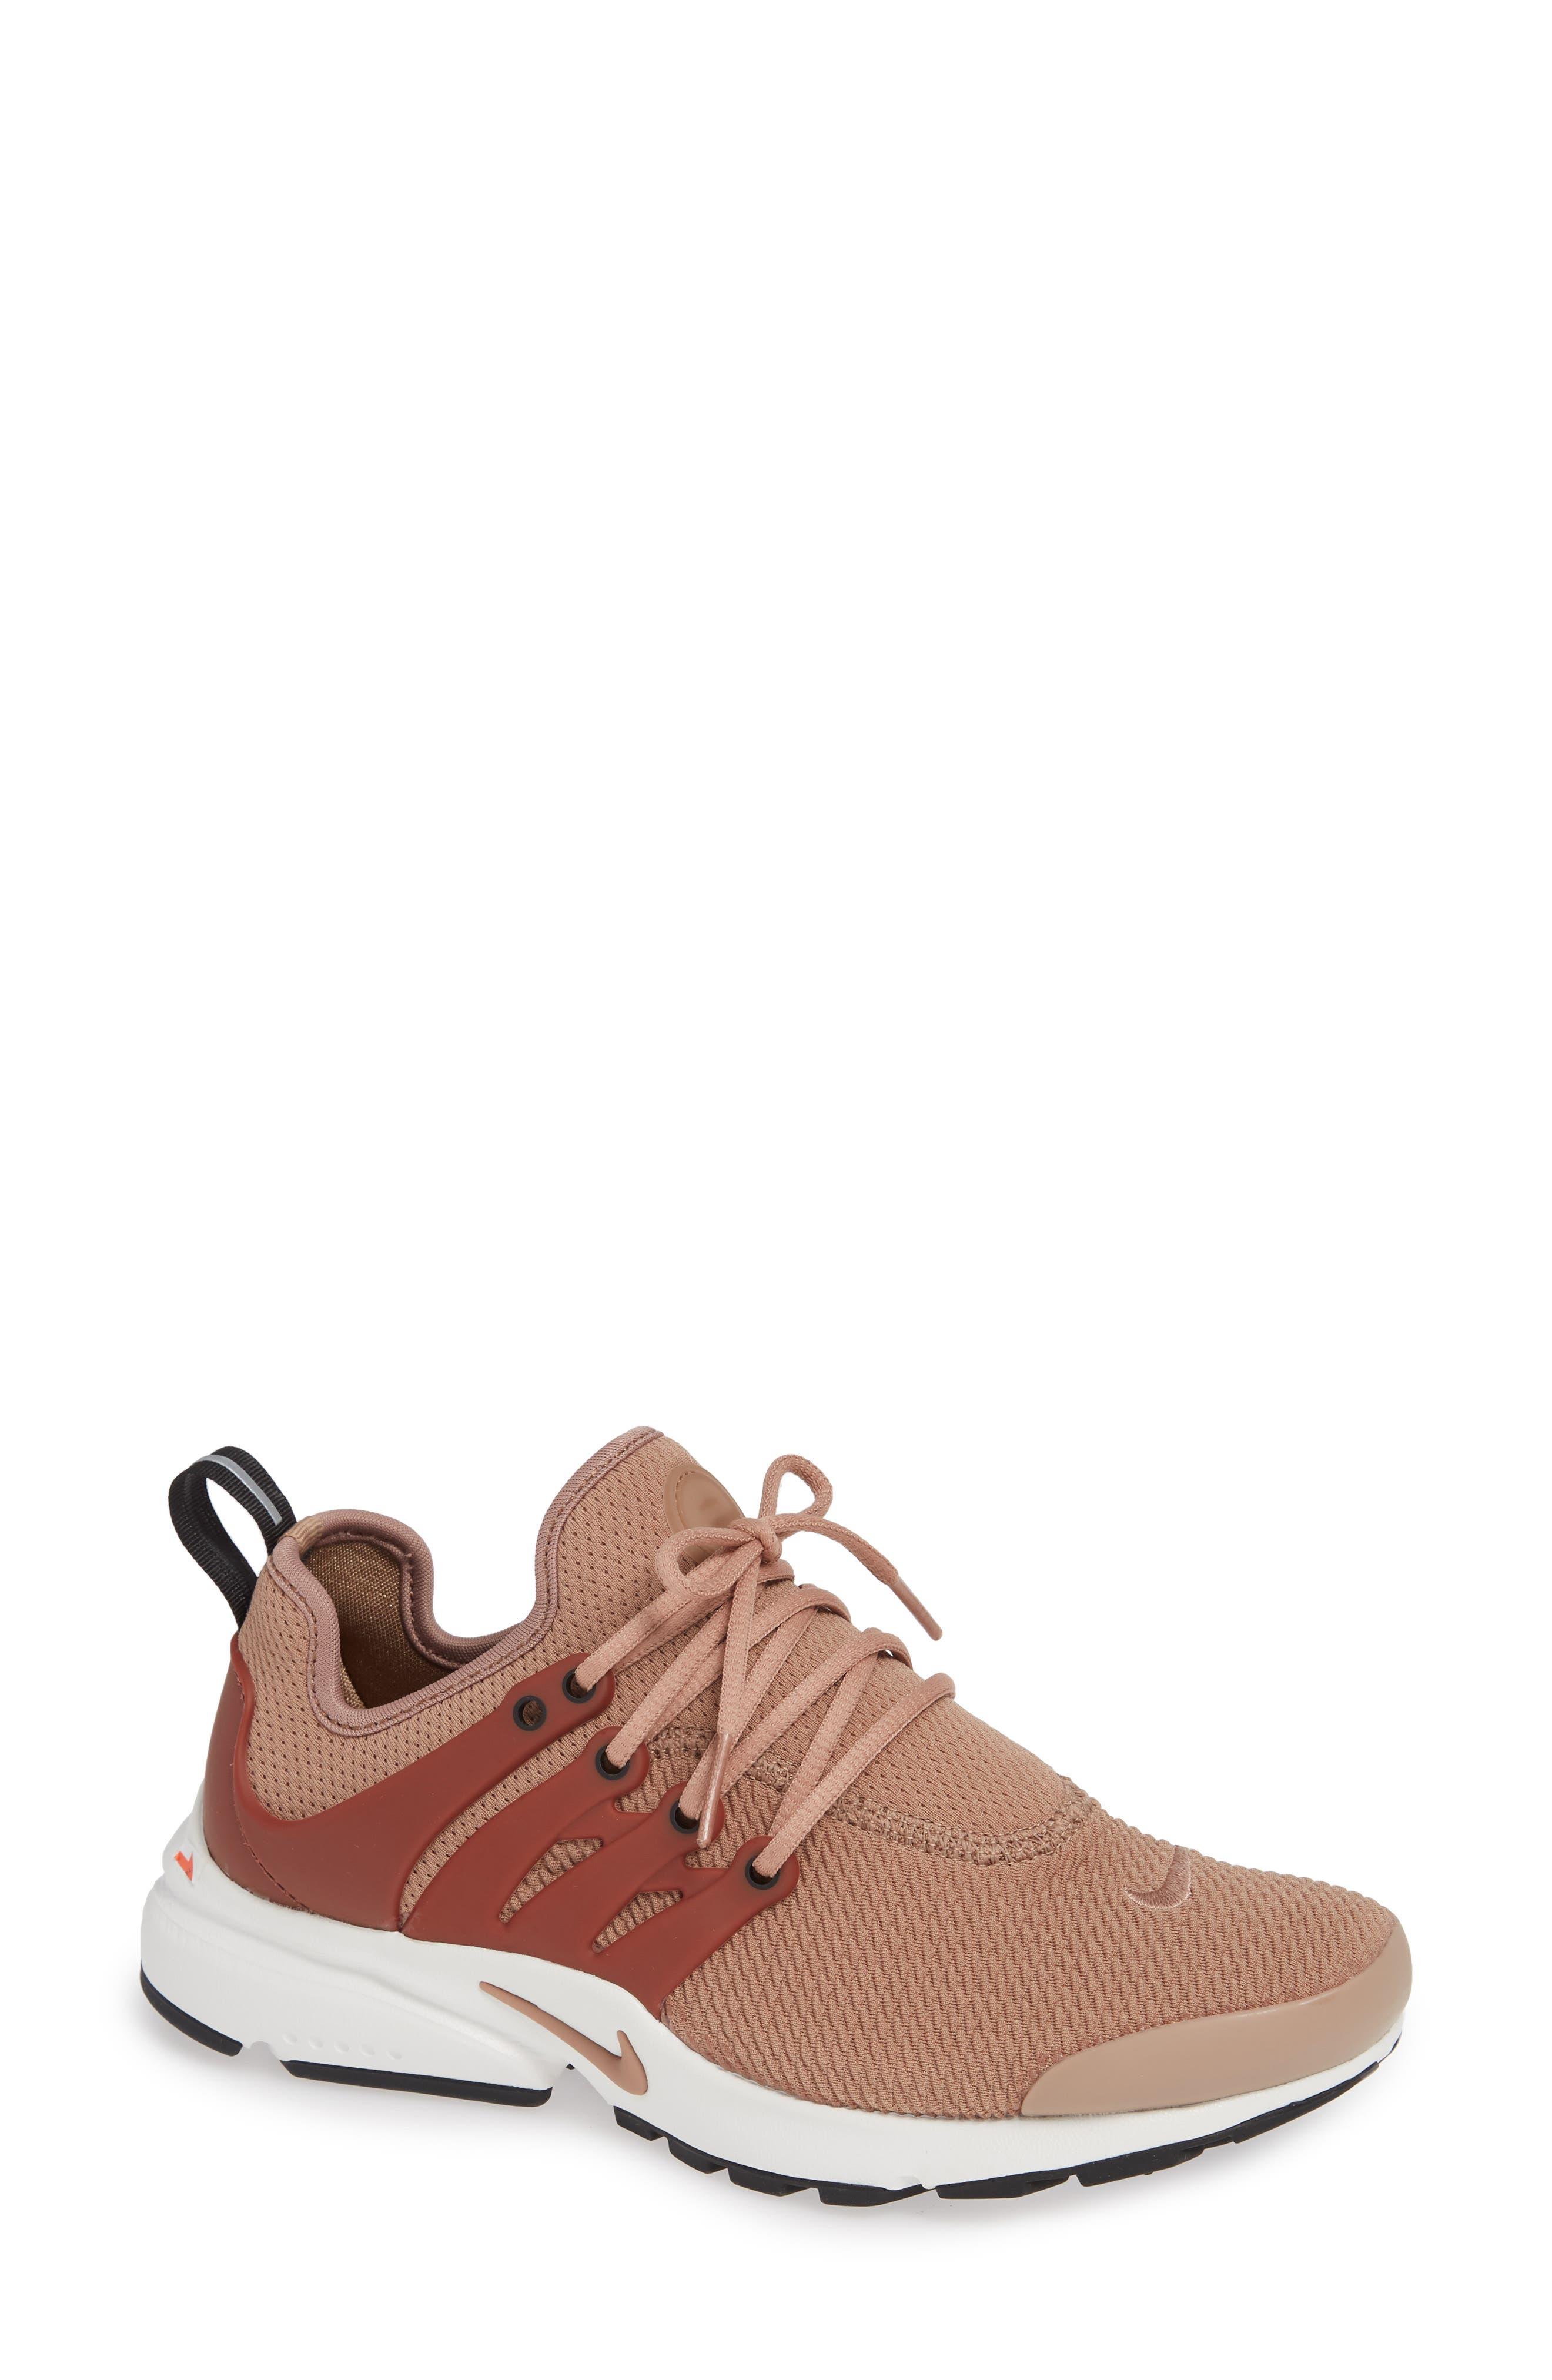 Air Presto Sneaker,                         Main,                         color, 251